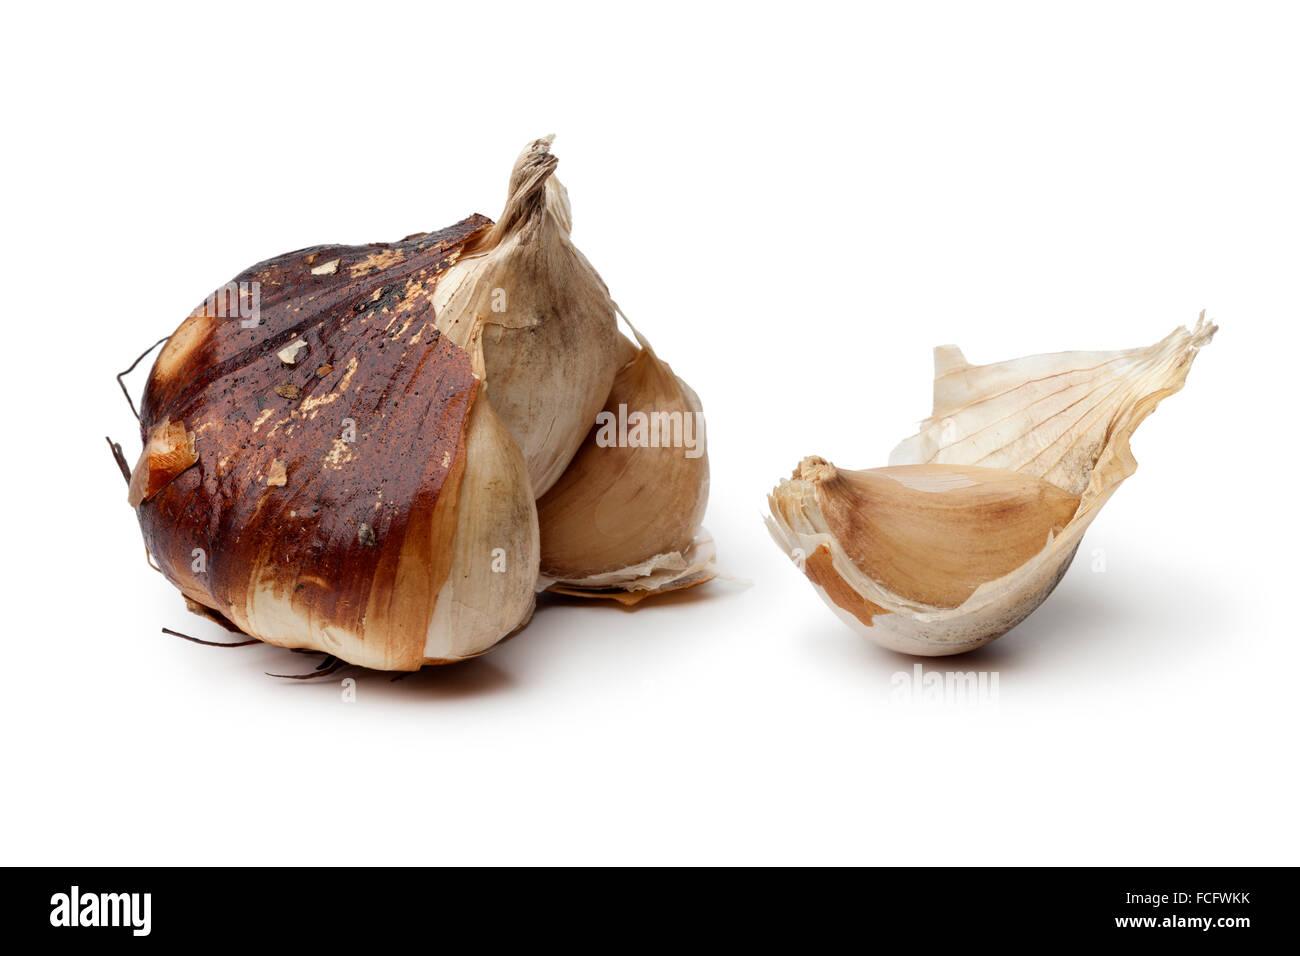 Geräucherte Knoblauchzwiebel auf weißem Hintergrund Stockbild